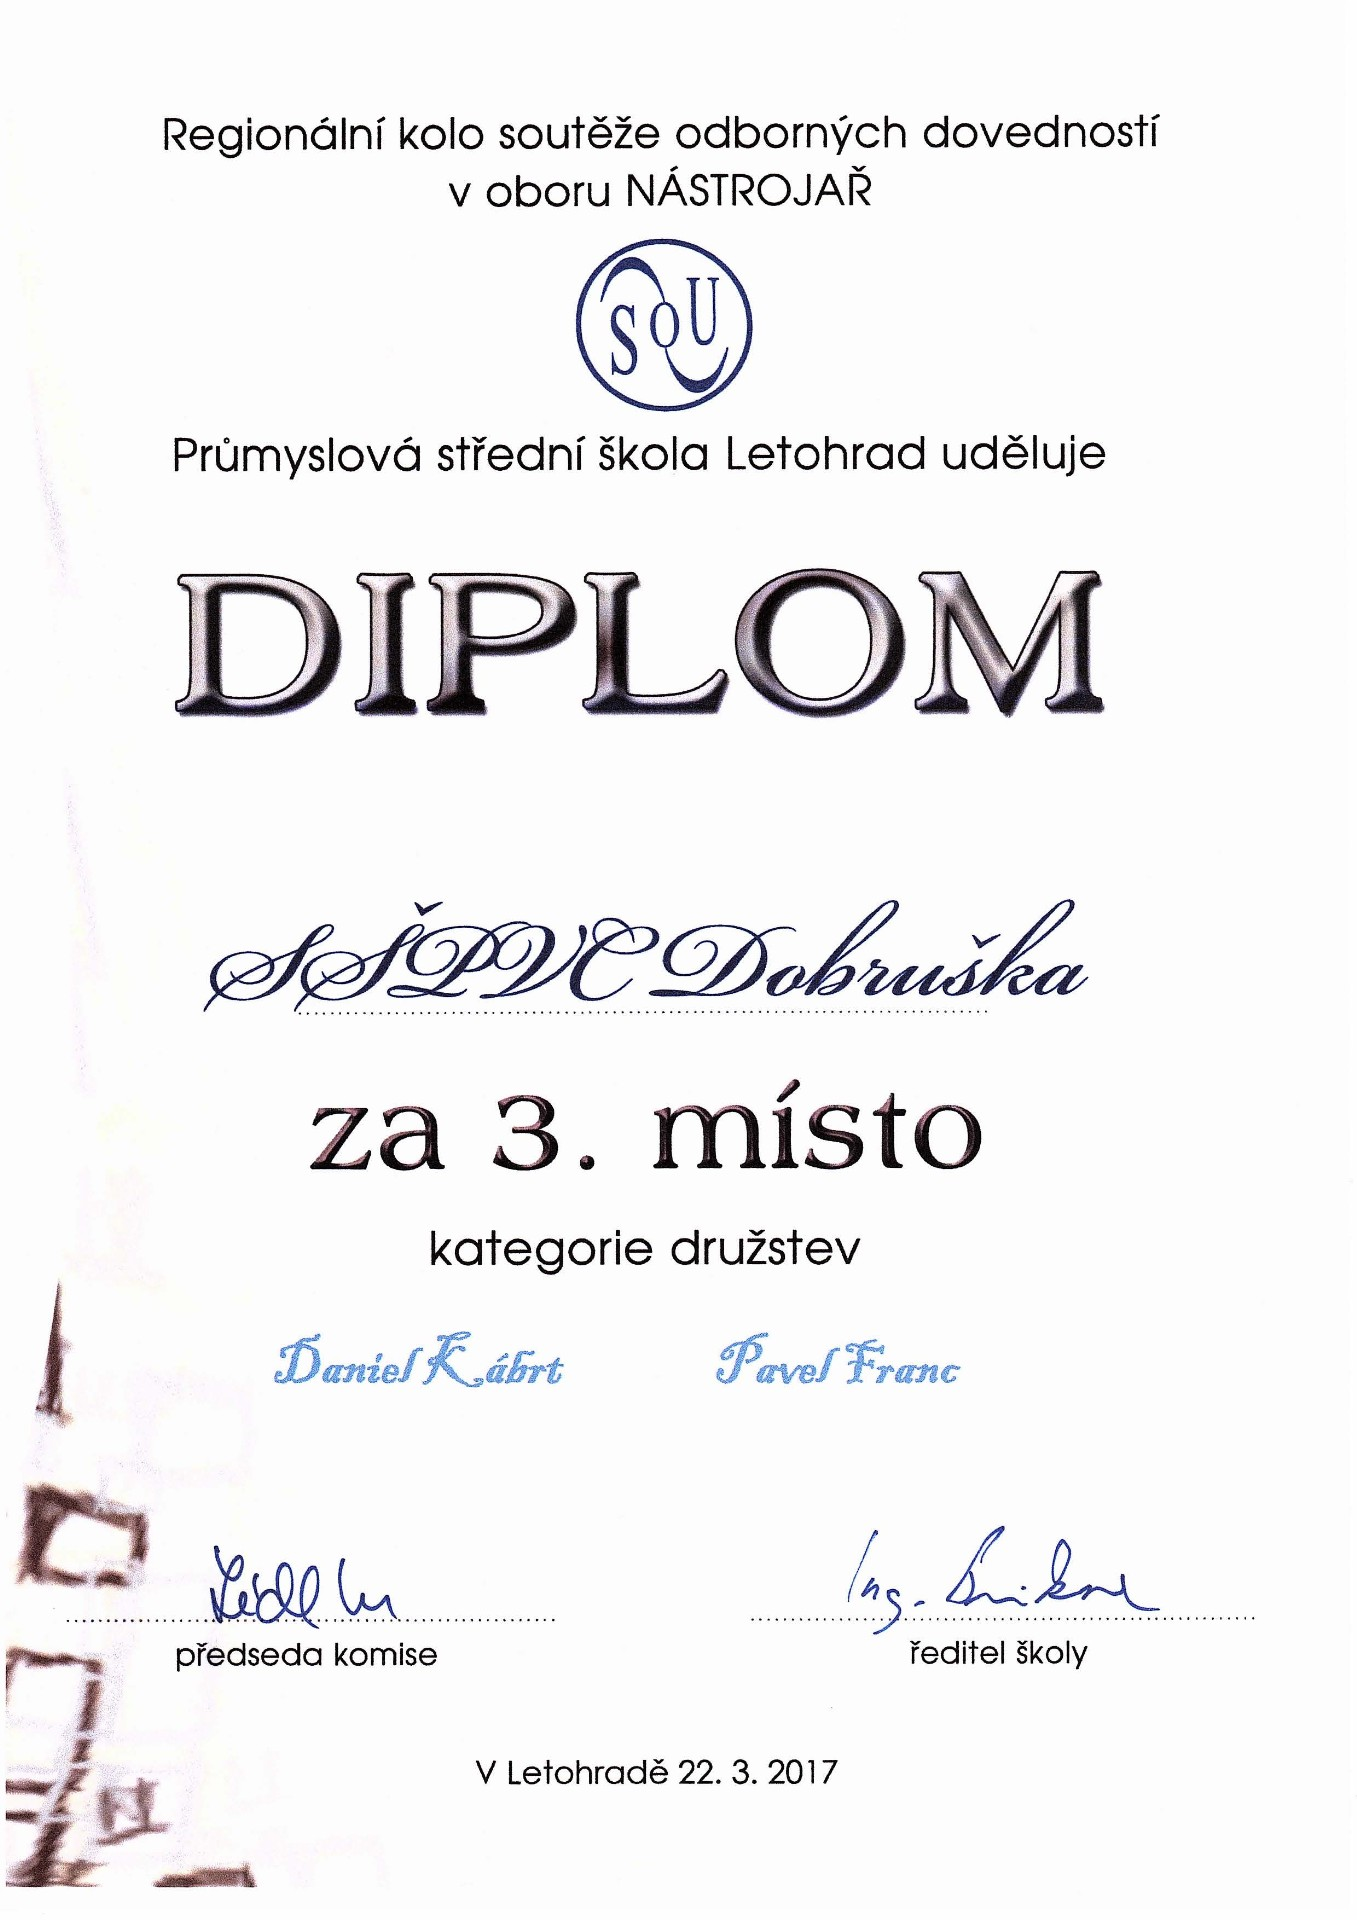 Diplom ze soutěže nástrojářů